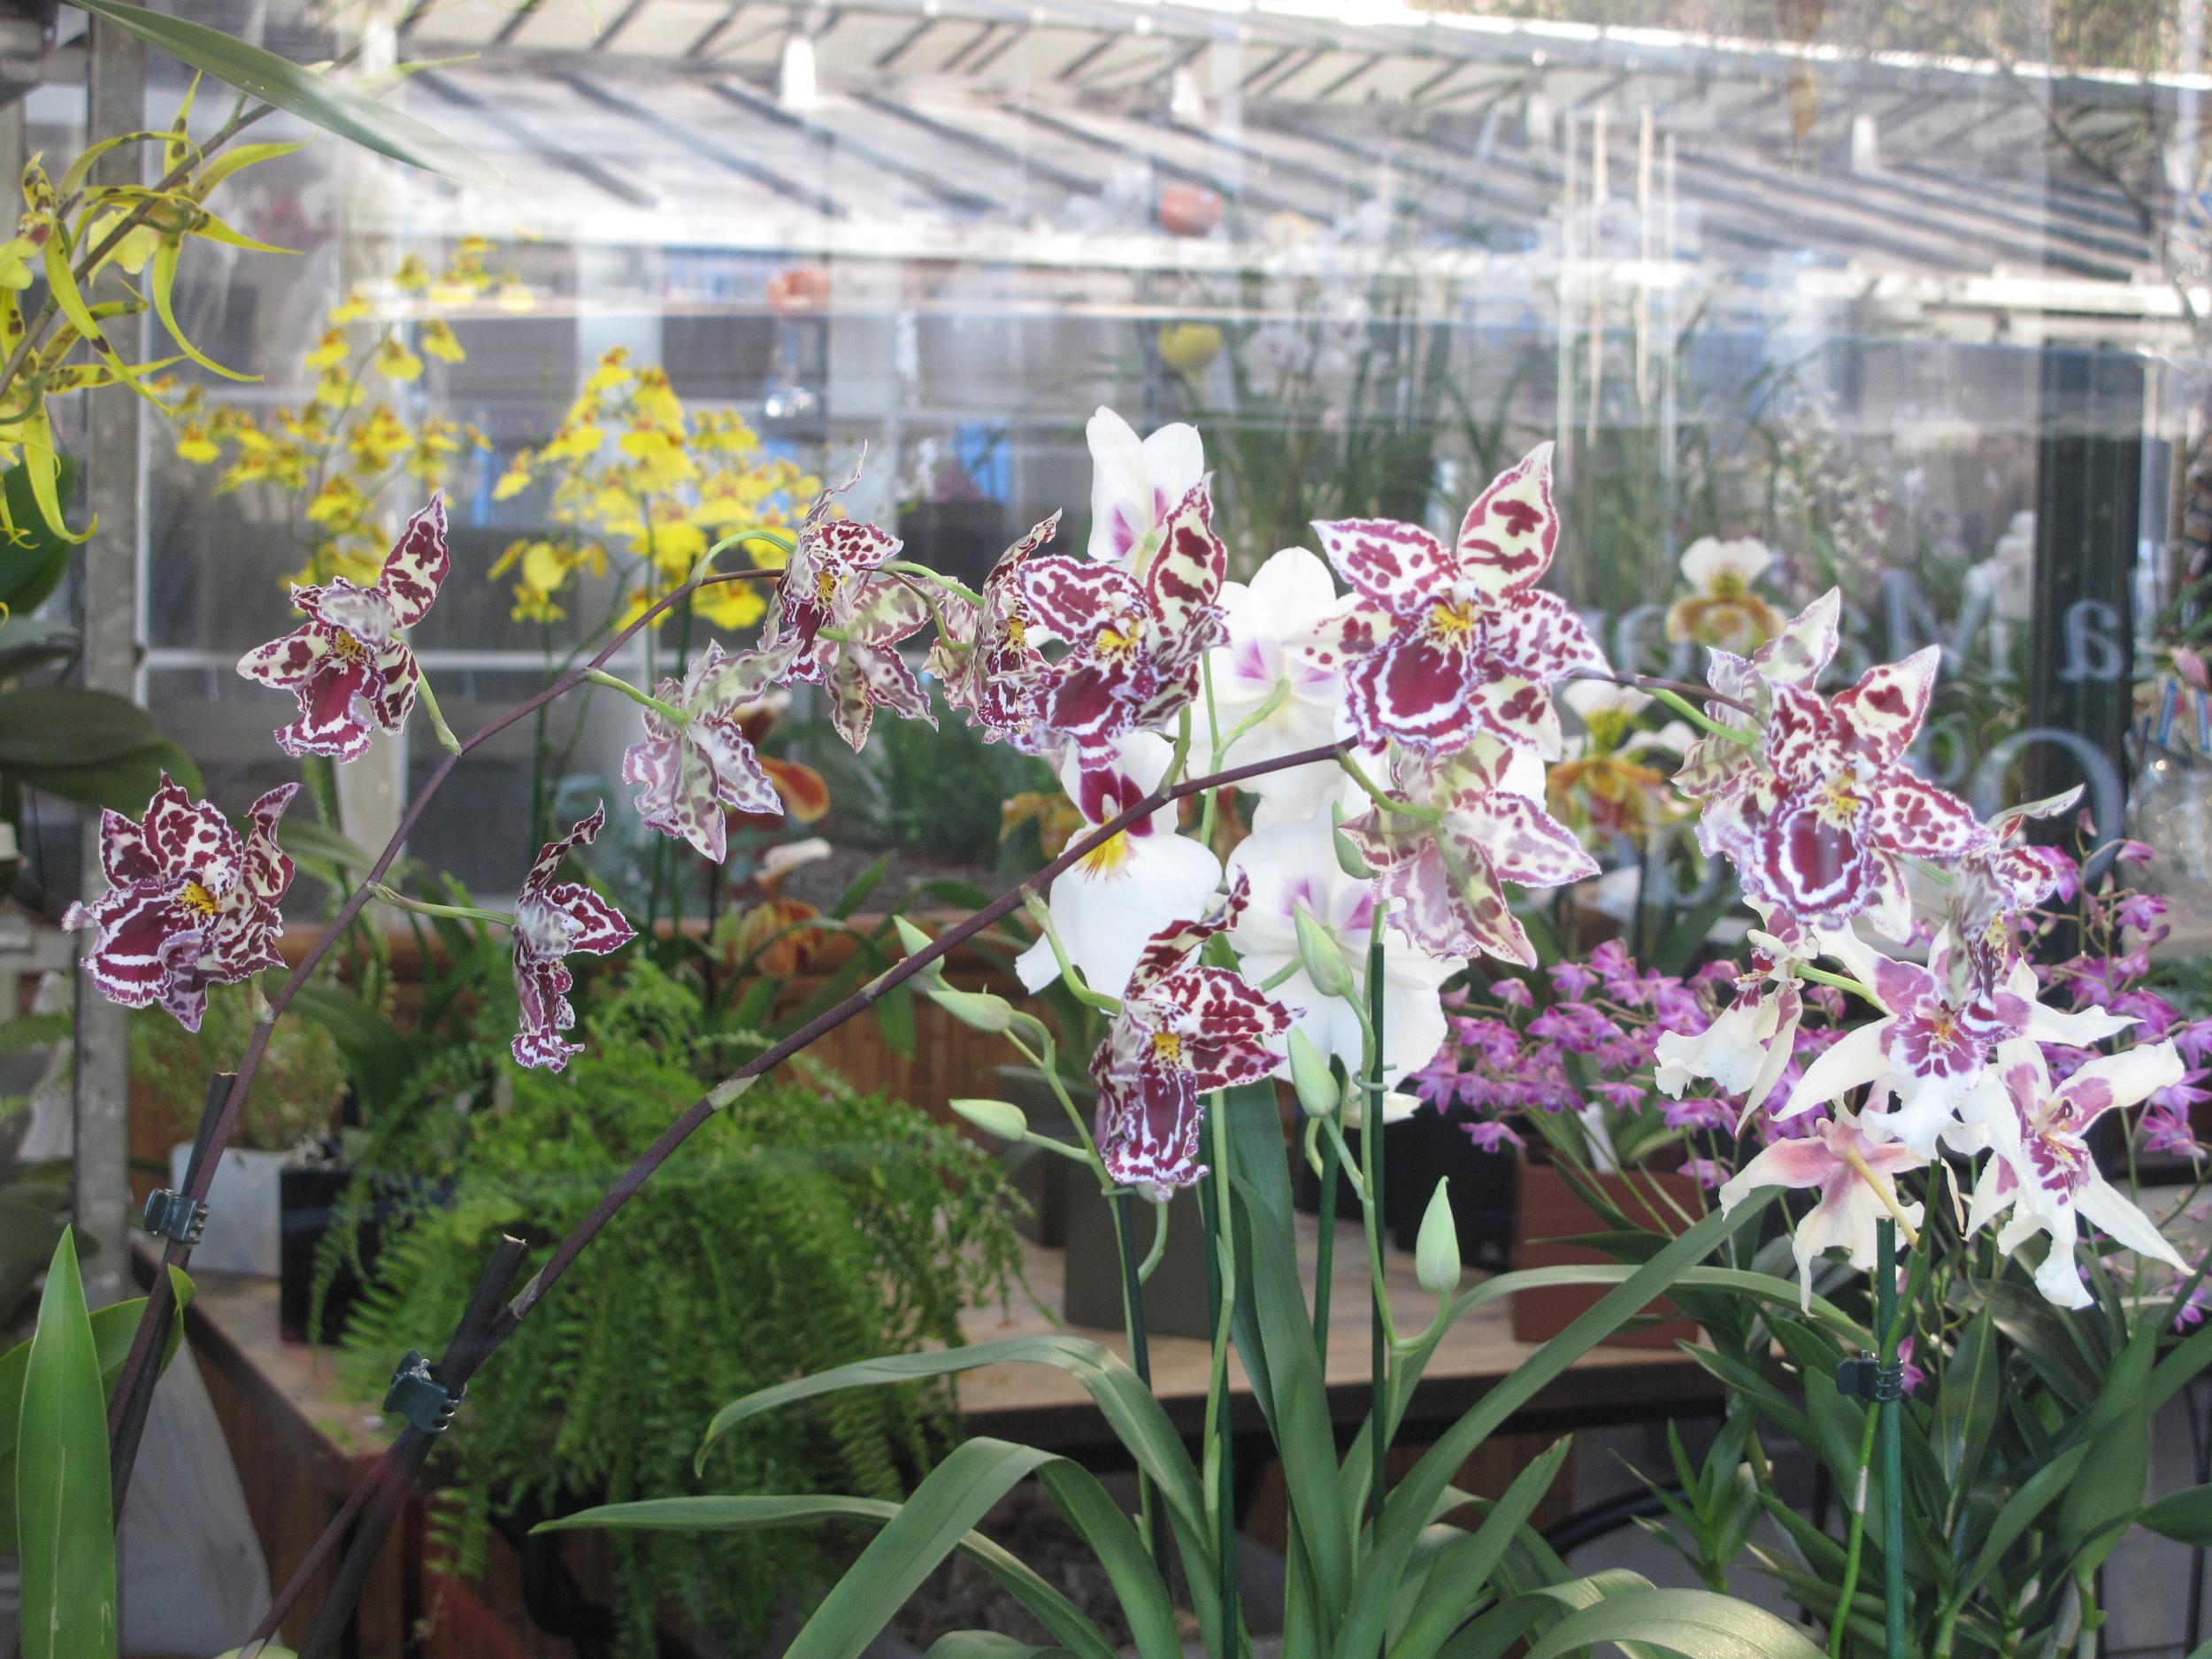 Purple orchids in a market on the Île de la Cité of Paris